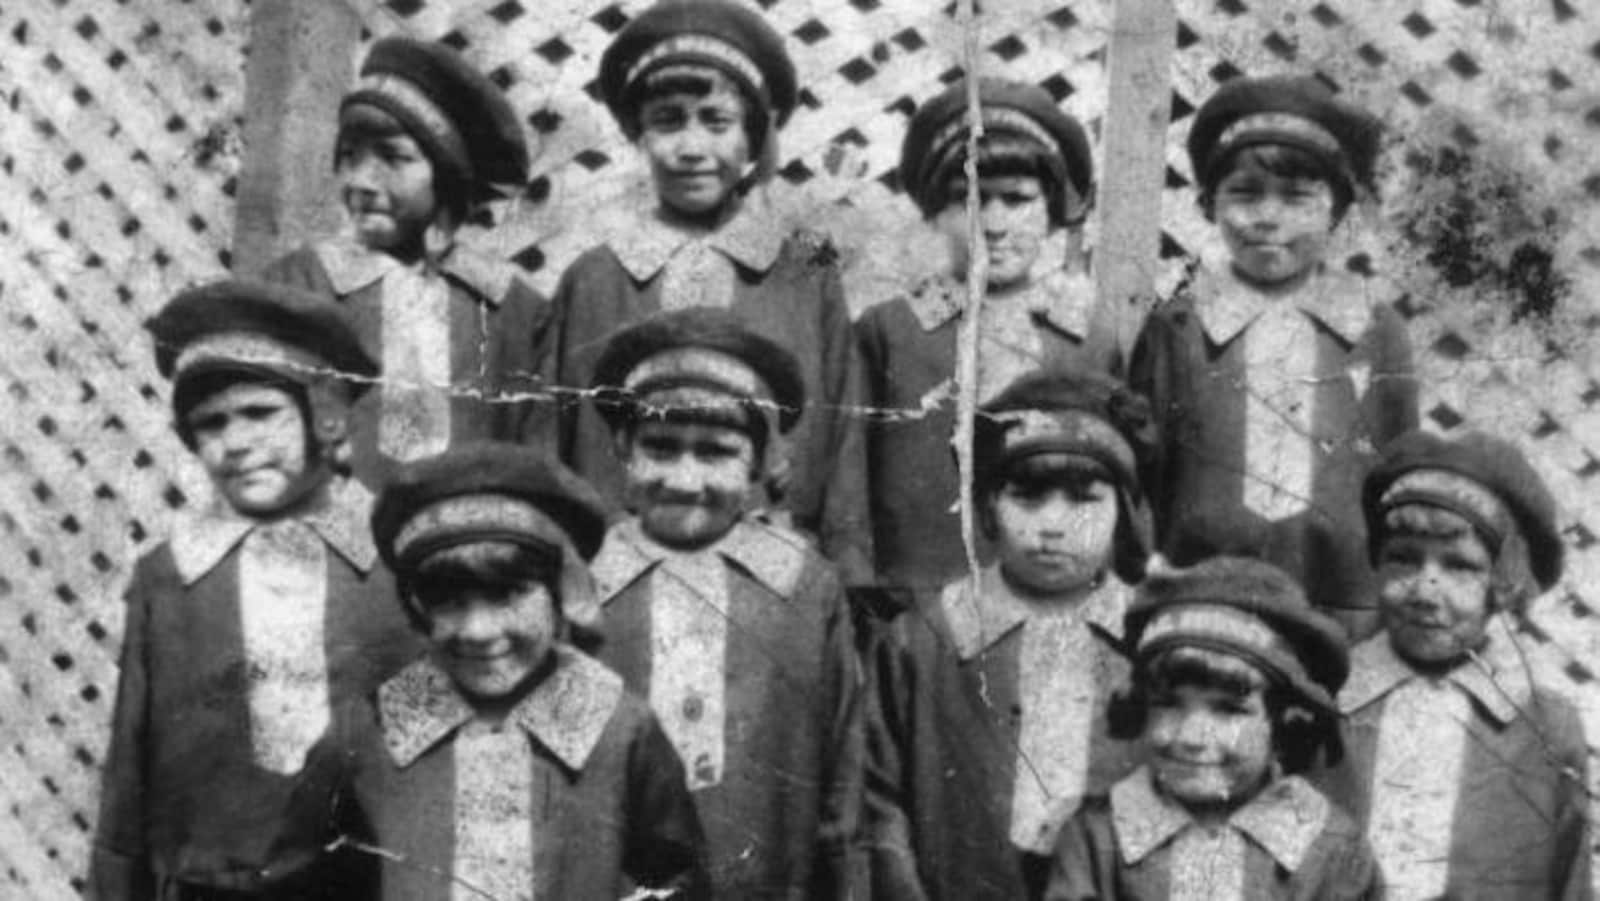 Vielle photo d'une dizaine d'enfants autochtones en uniforme de pensionnaires.